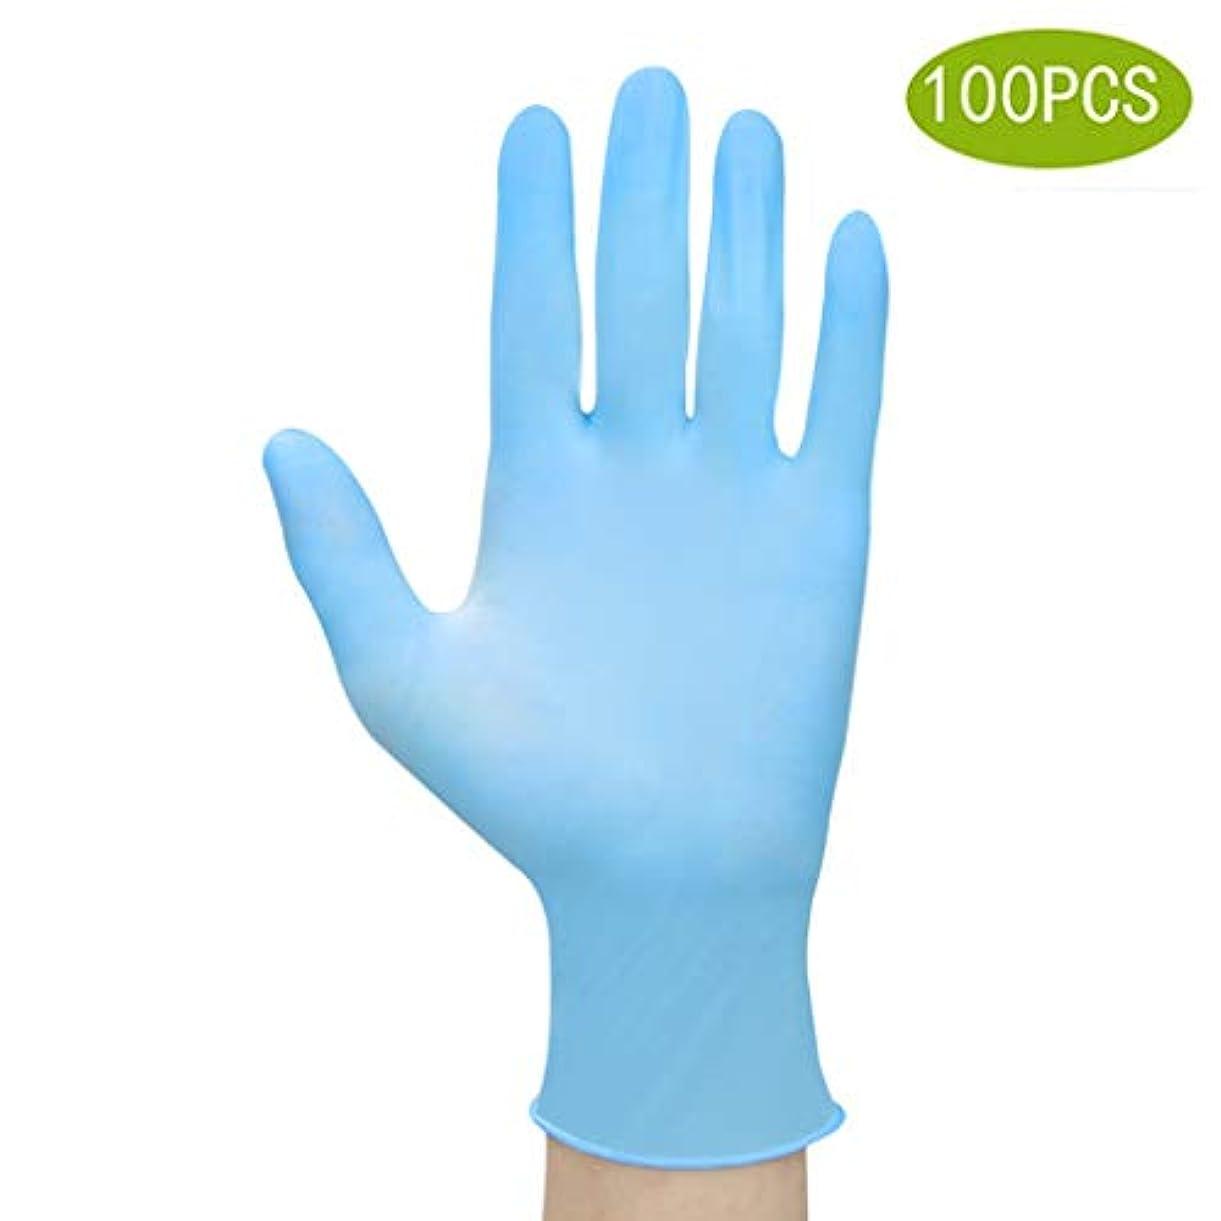 適応的説教するパウダー応急処置用品クリーンルーム、クラスニトリル手袋、長さ12